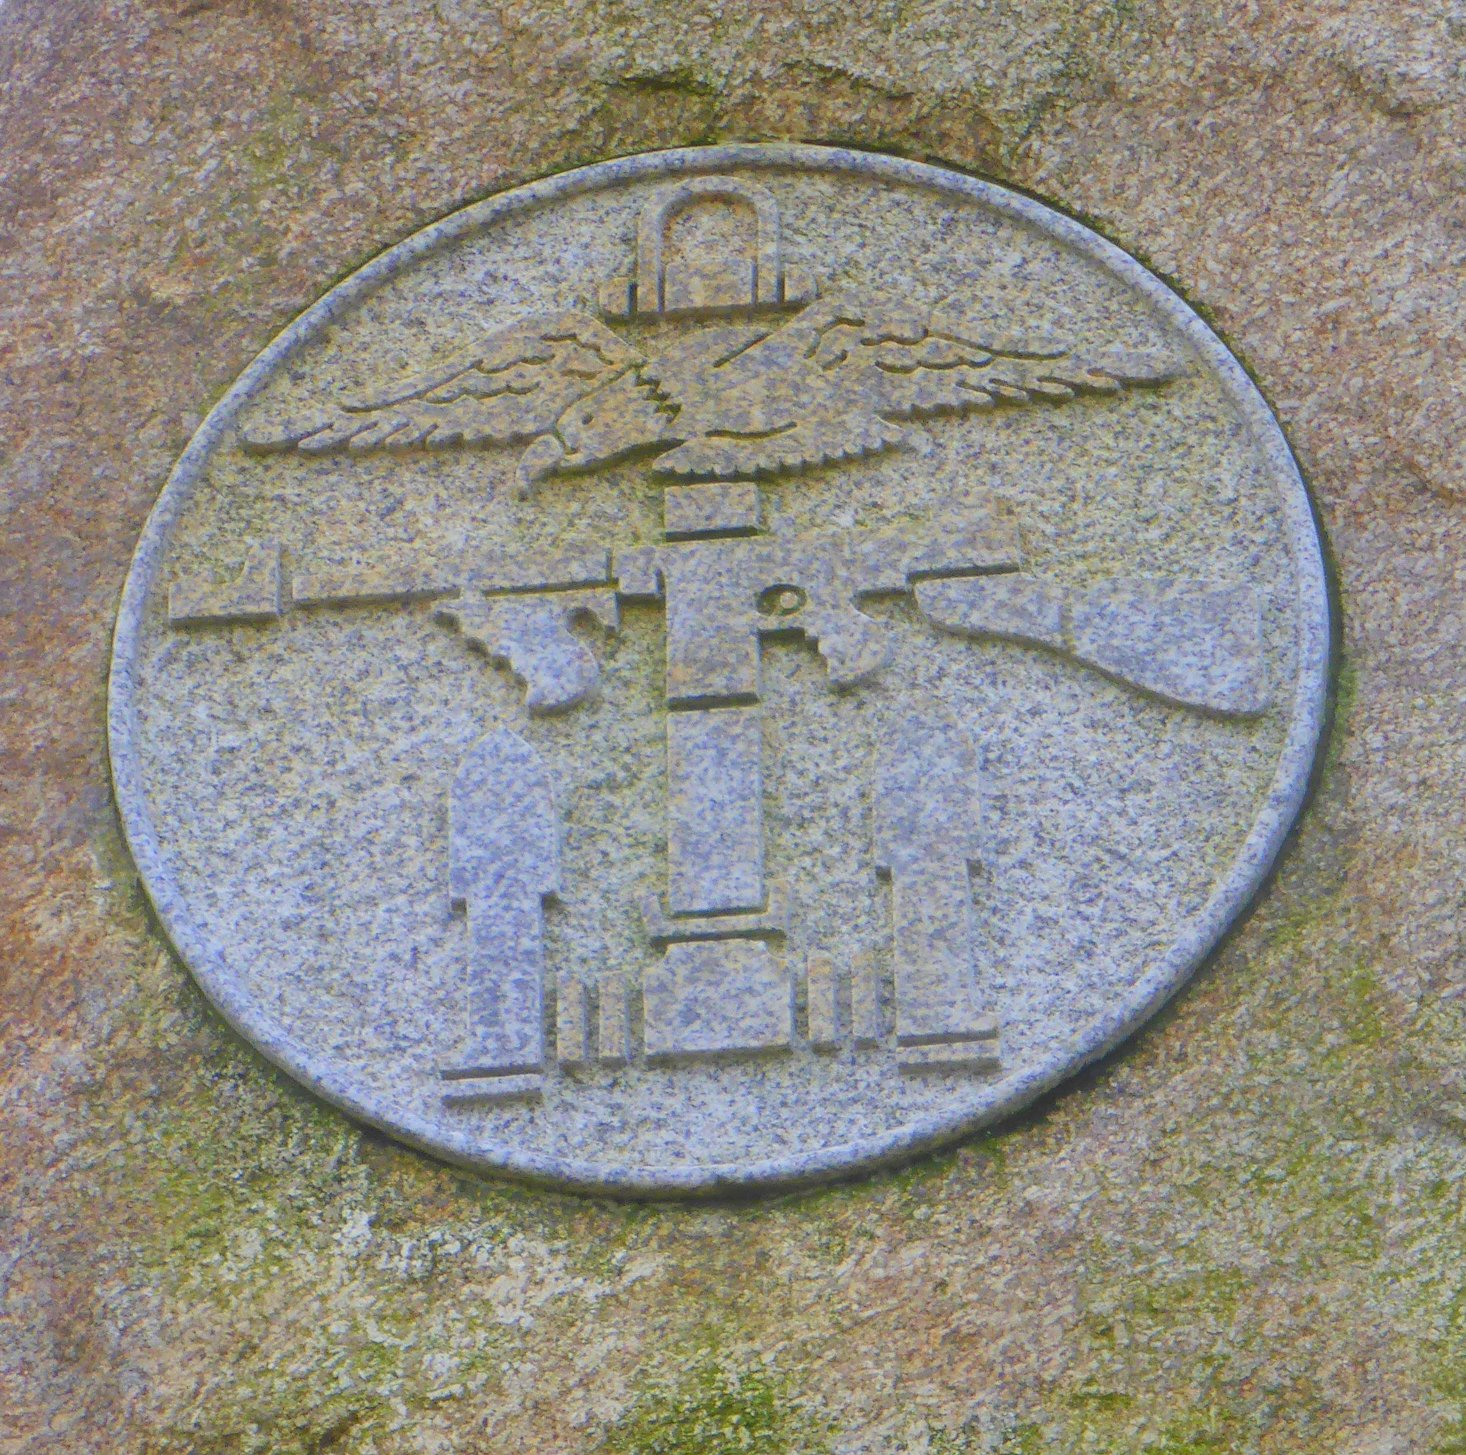 COPP Memorial